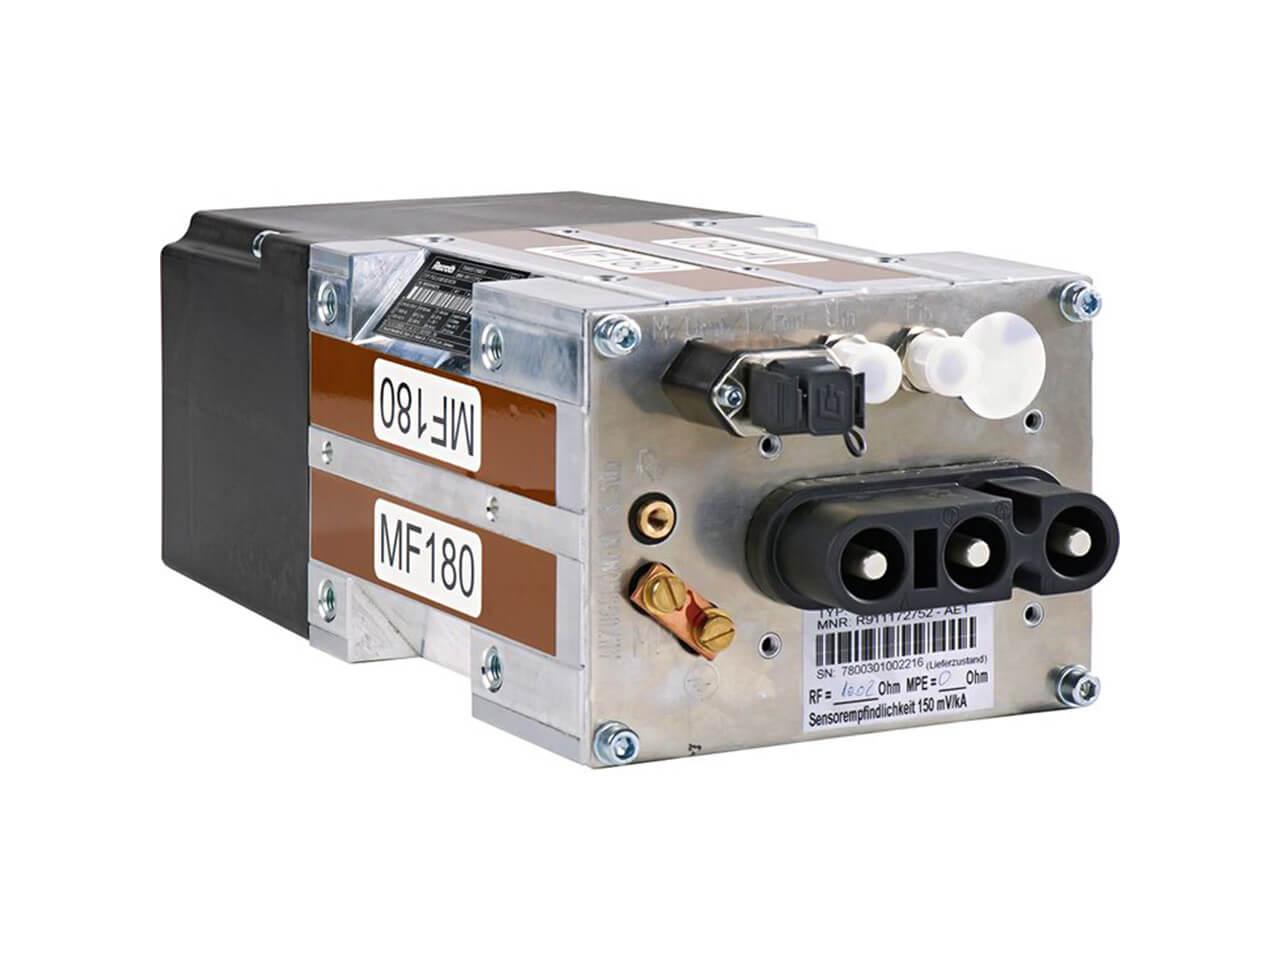 Medium Frequency Welding Transformer – PSG 6180.00 RSTK